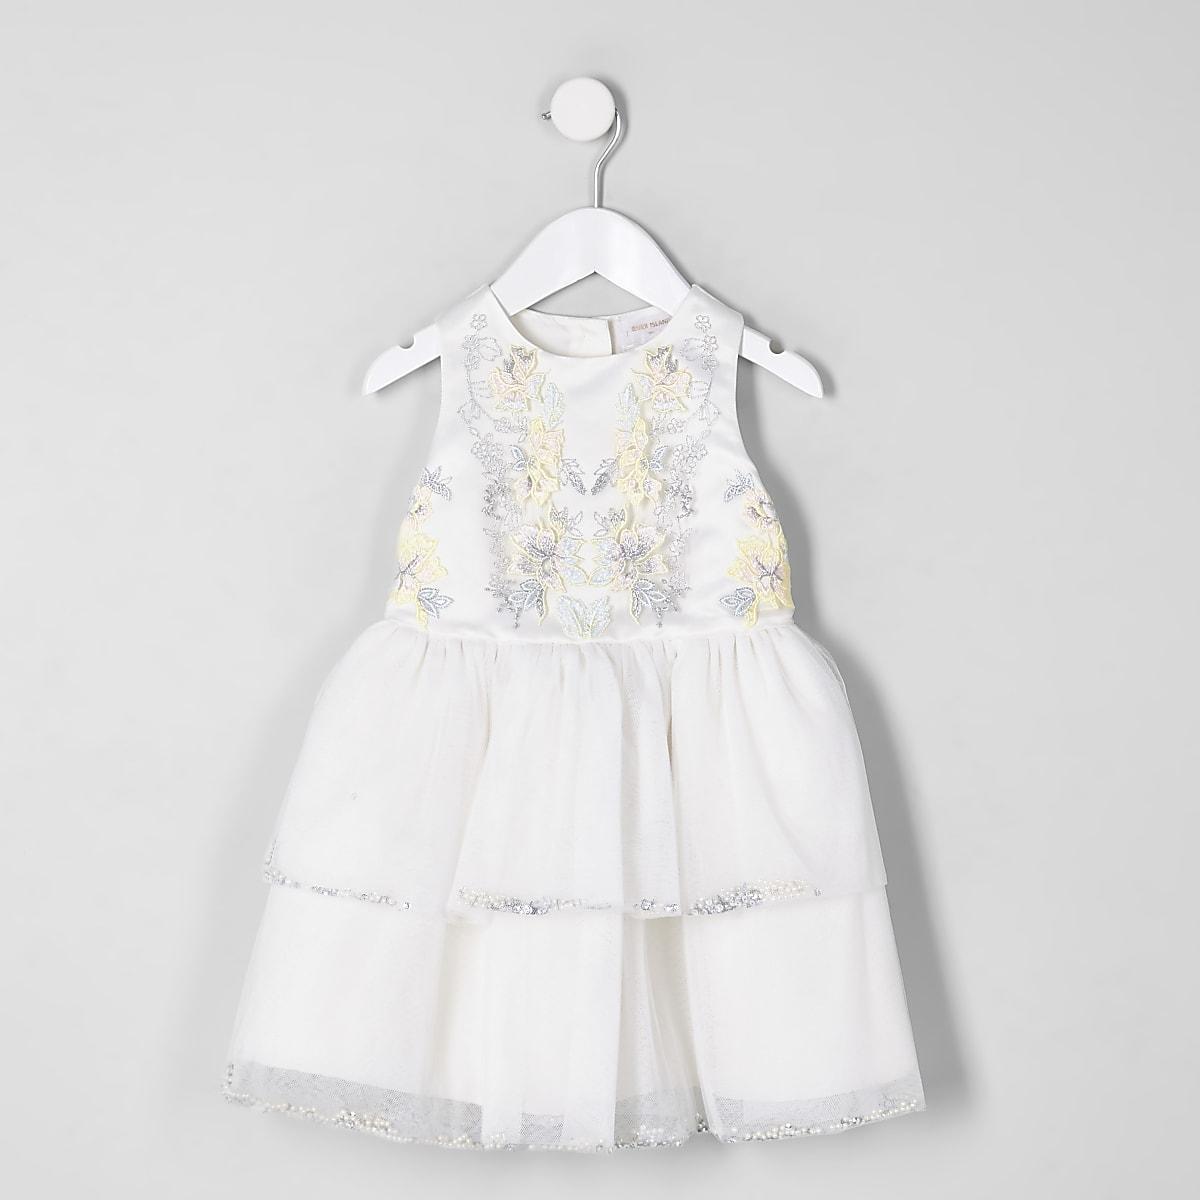 Mini - Crème verfraaide gelaagde jurk voor meisjes